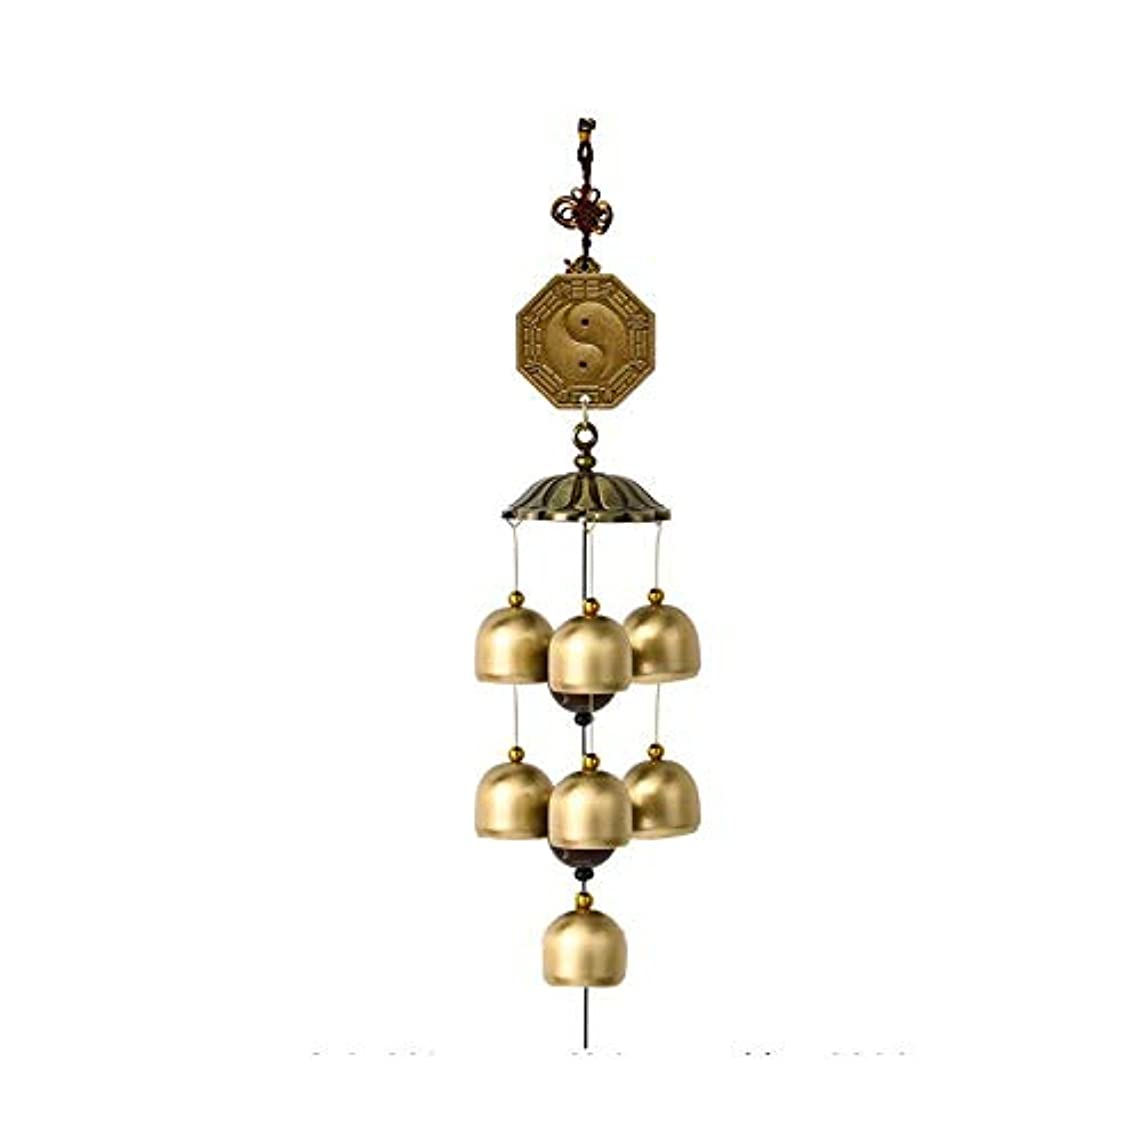 手綱最初はライバル屋外テラス、バルコニー、部屋、壁、窓の装飾に適した風チャイム、7つの純銅ベル、メタルピーコックゴシップベル、 (Color : 3)